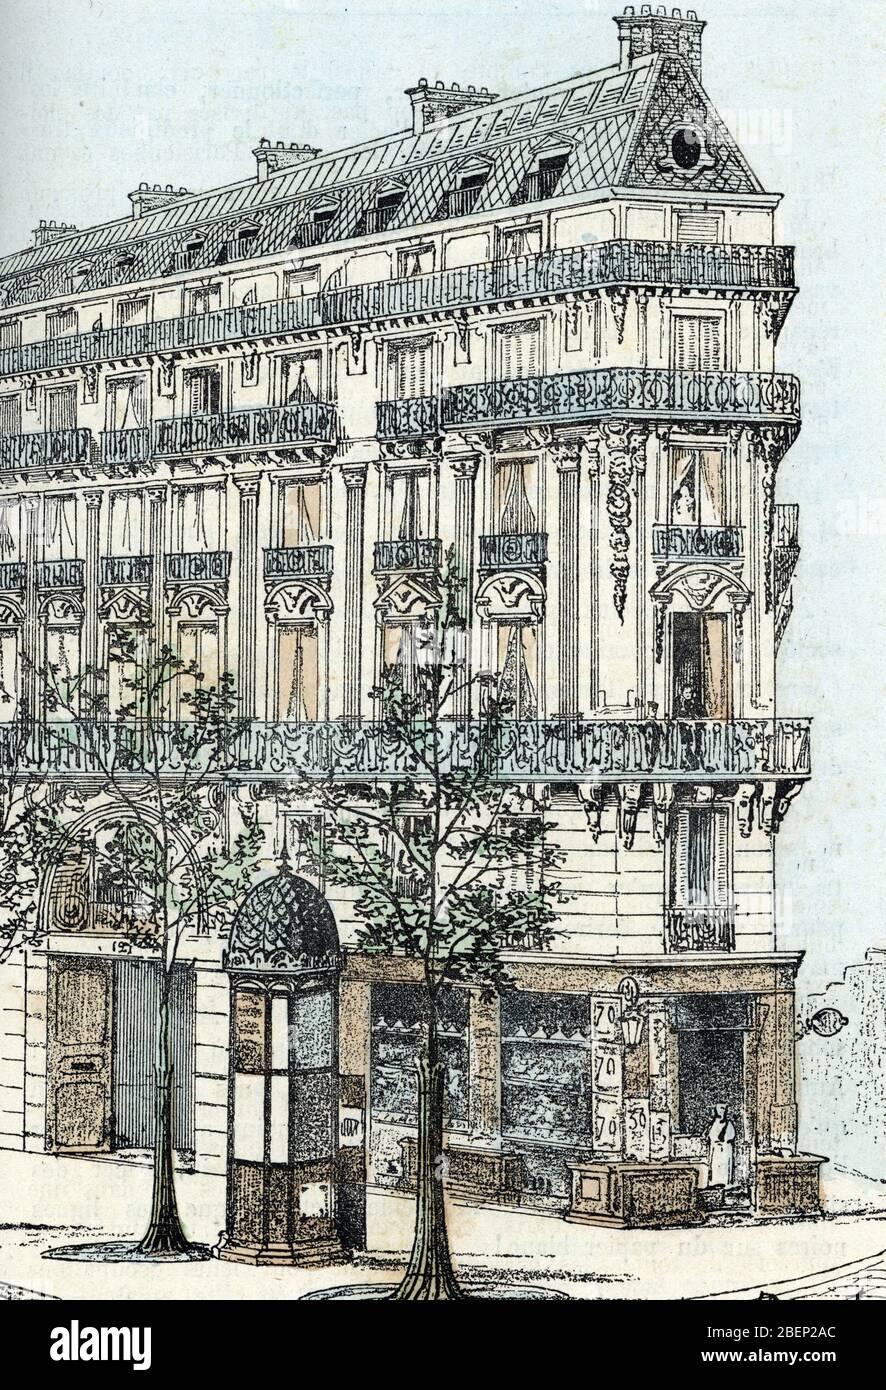 """Vue d'une habitation parisienne de type haussmannien, immeuble cossu (Haussmann building in Paris) Gravure tiree de """"Les besoins de la vie"""" de Rengade Stock Photo"""